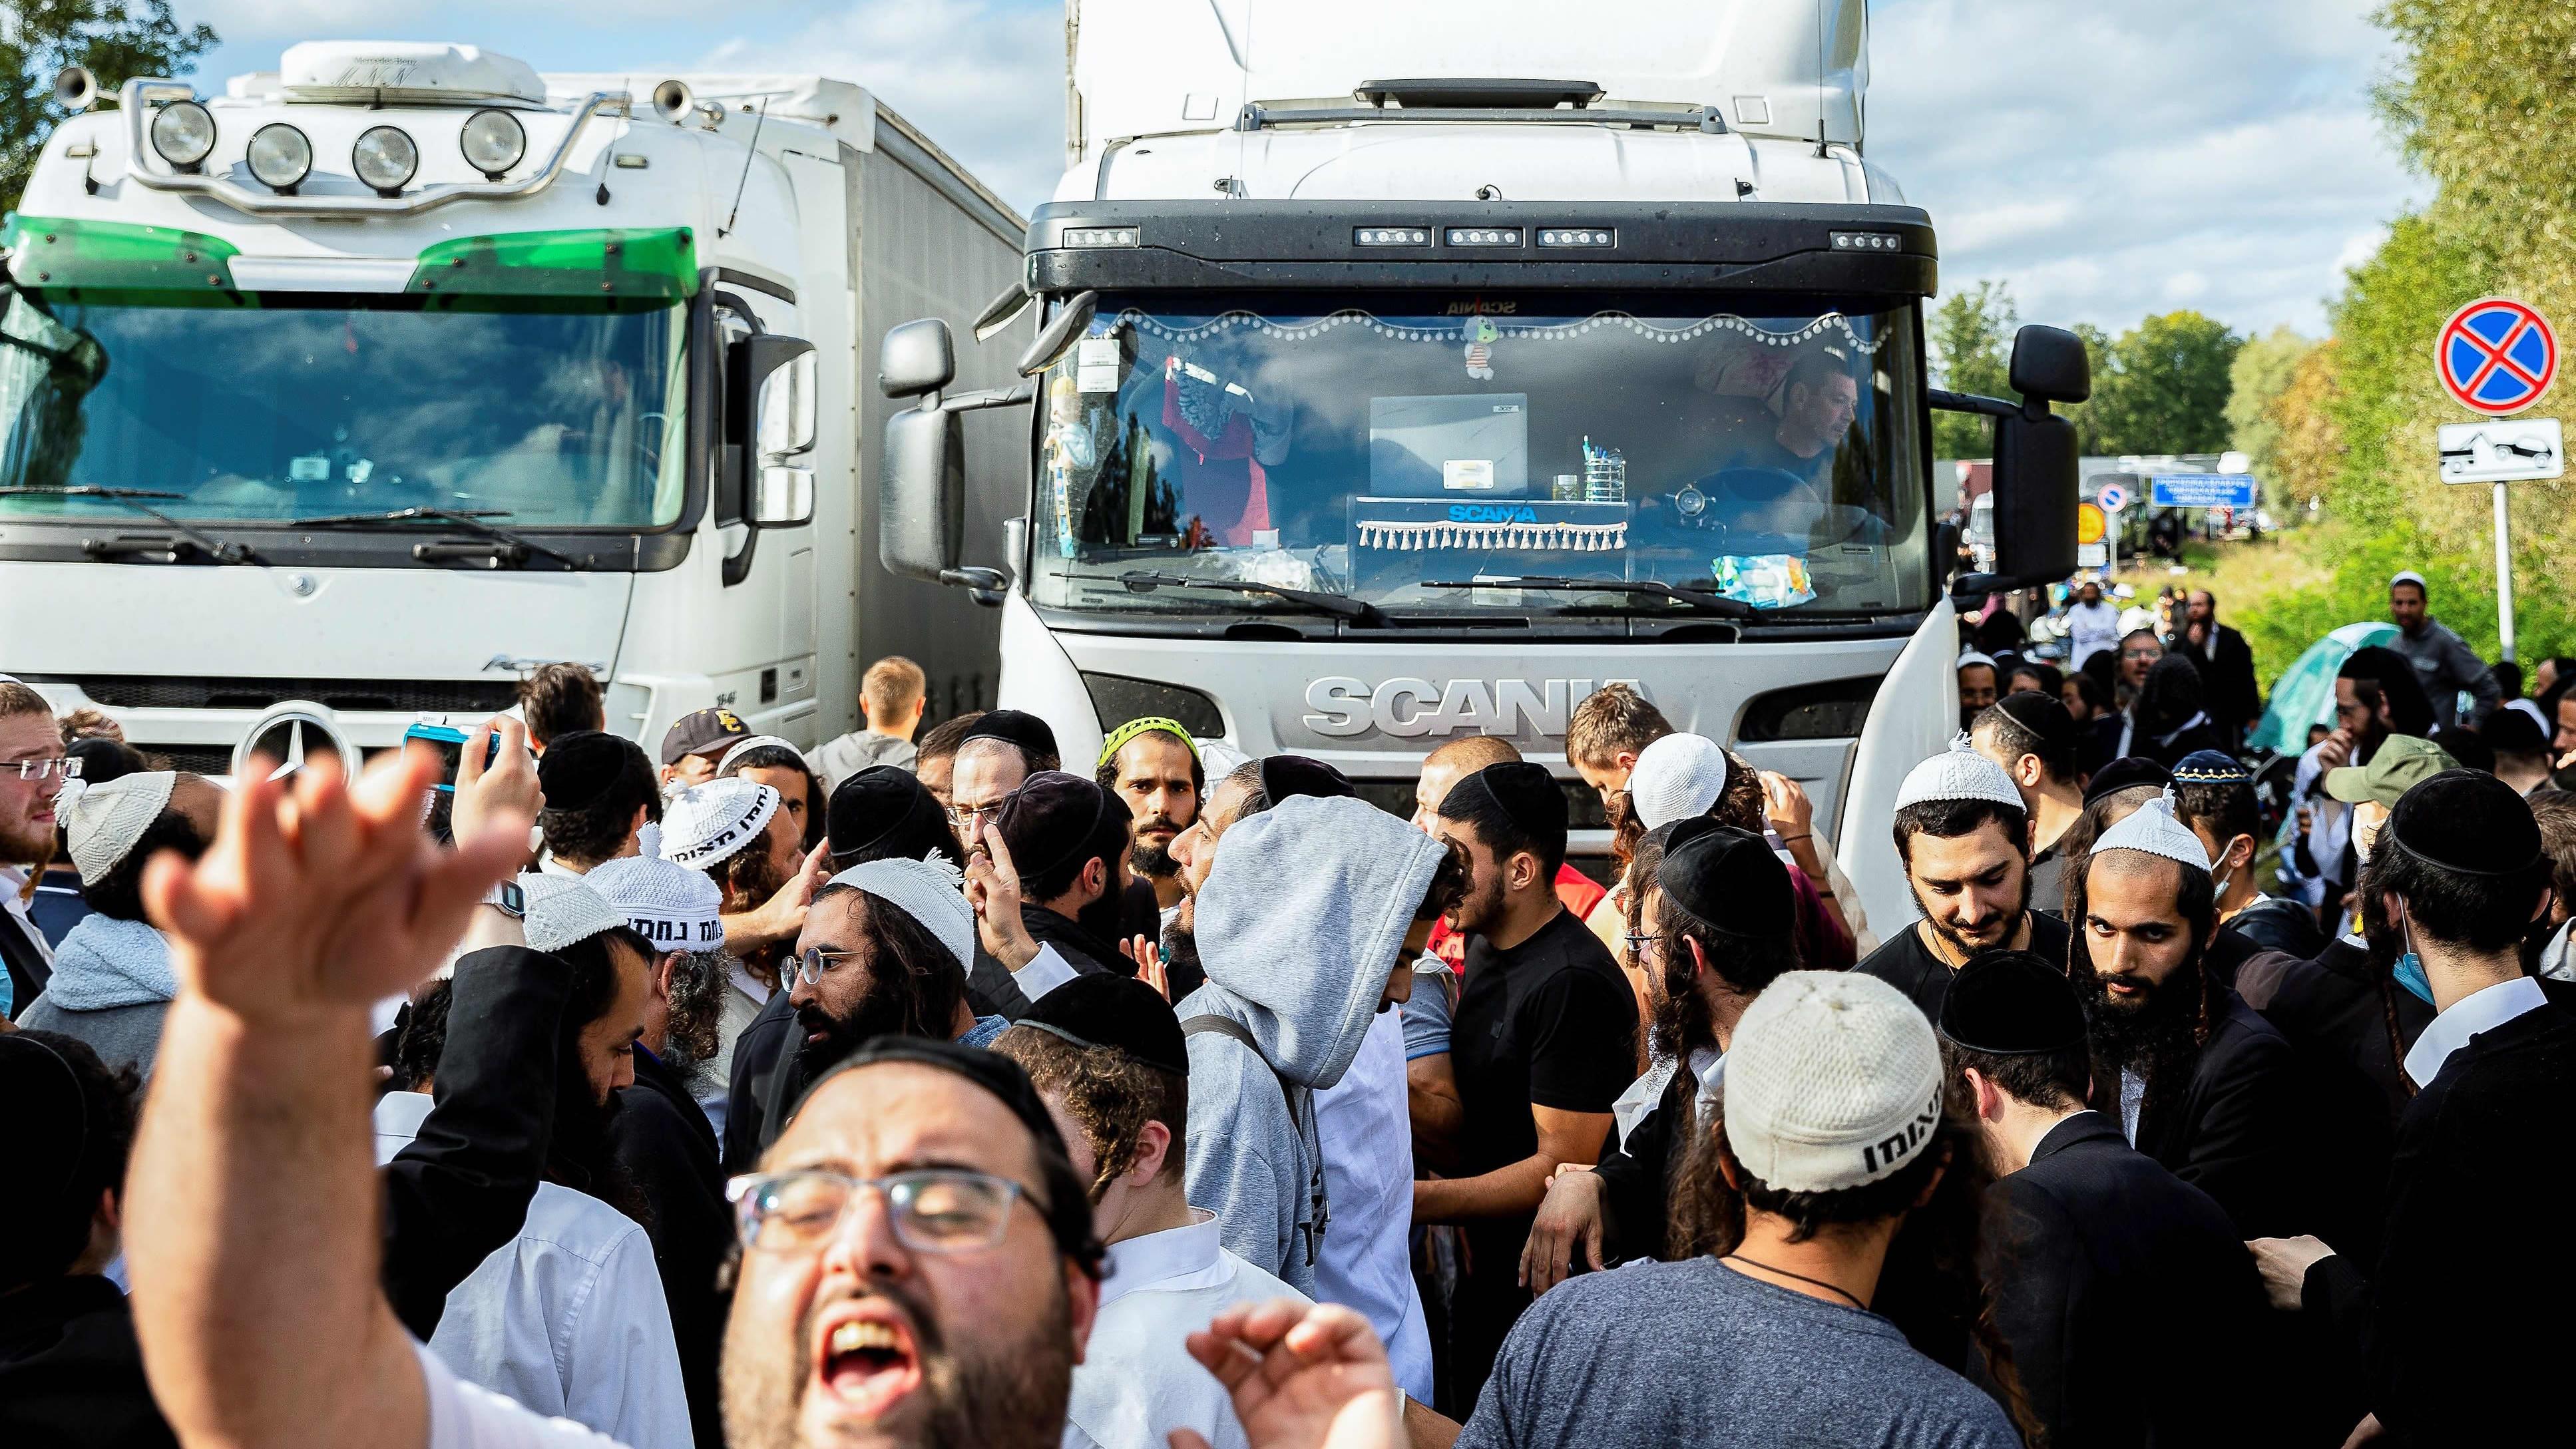 Suuri joukko hasidijuutalaisia on tiellä raja-alueella. Taustalla näkyy kuorma-autoja.